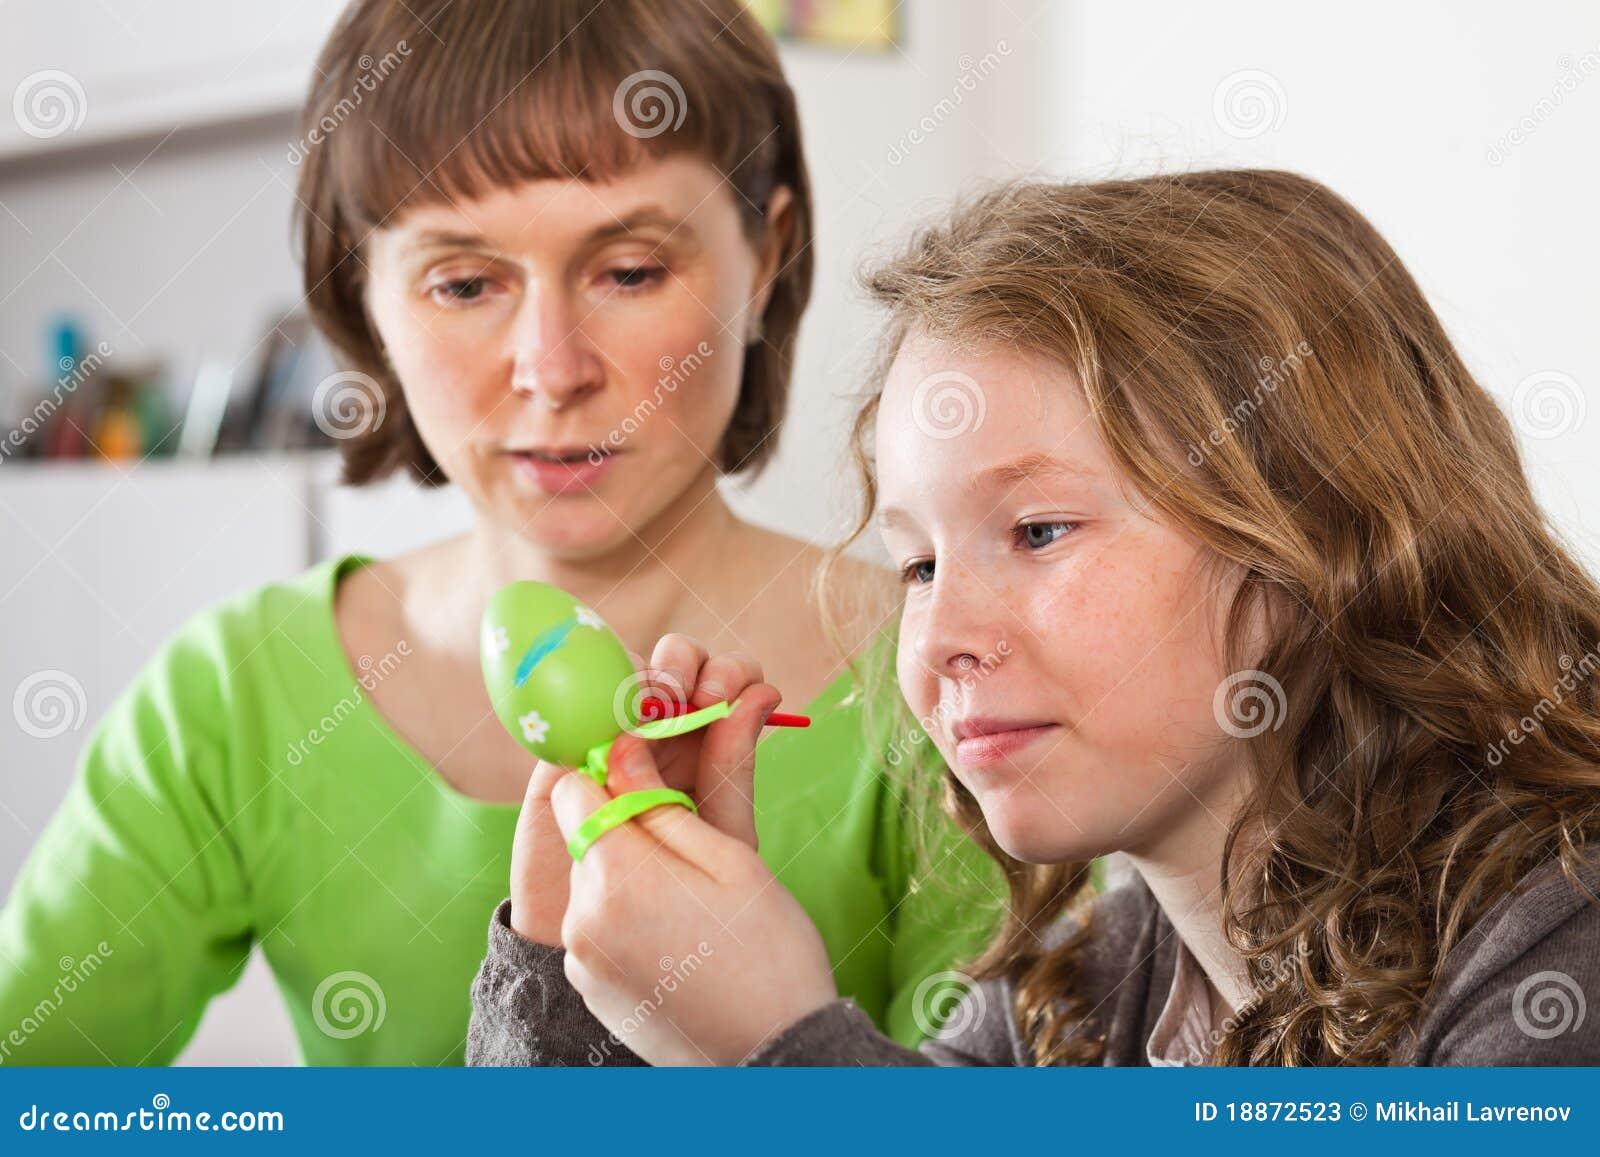 Сближение мама и дочки 6 фотография